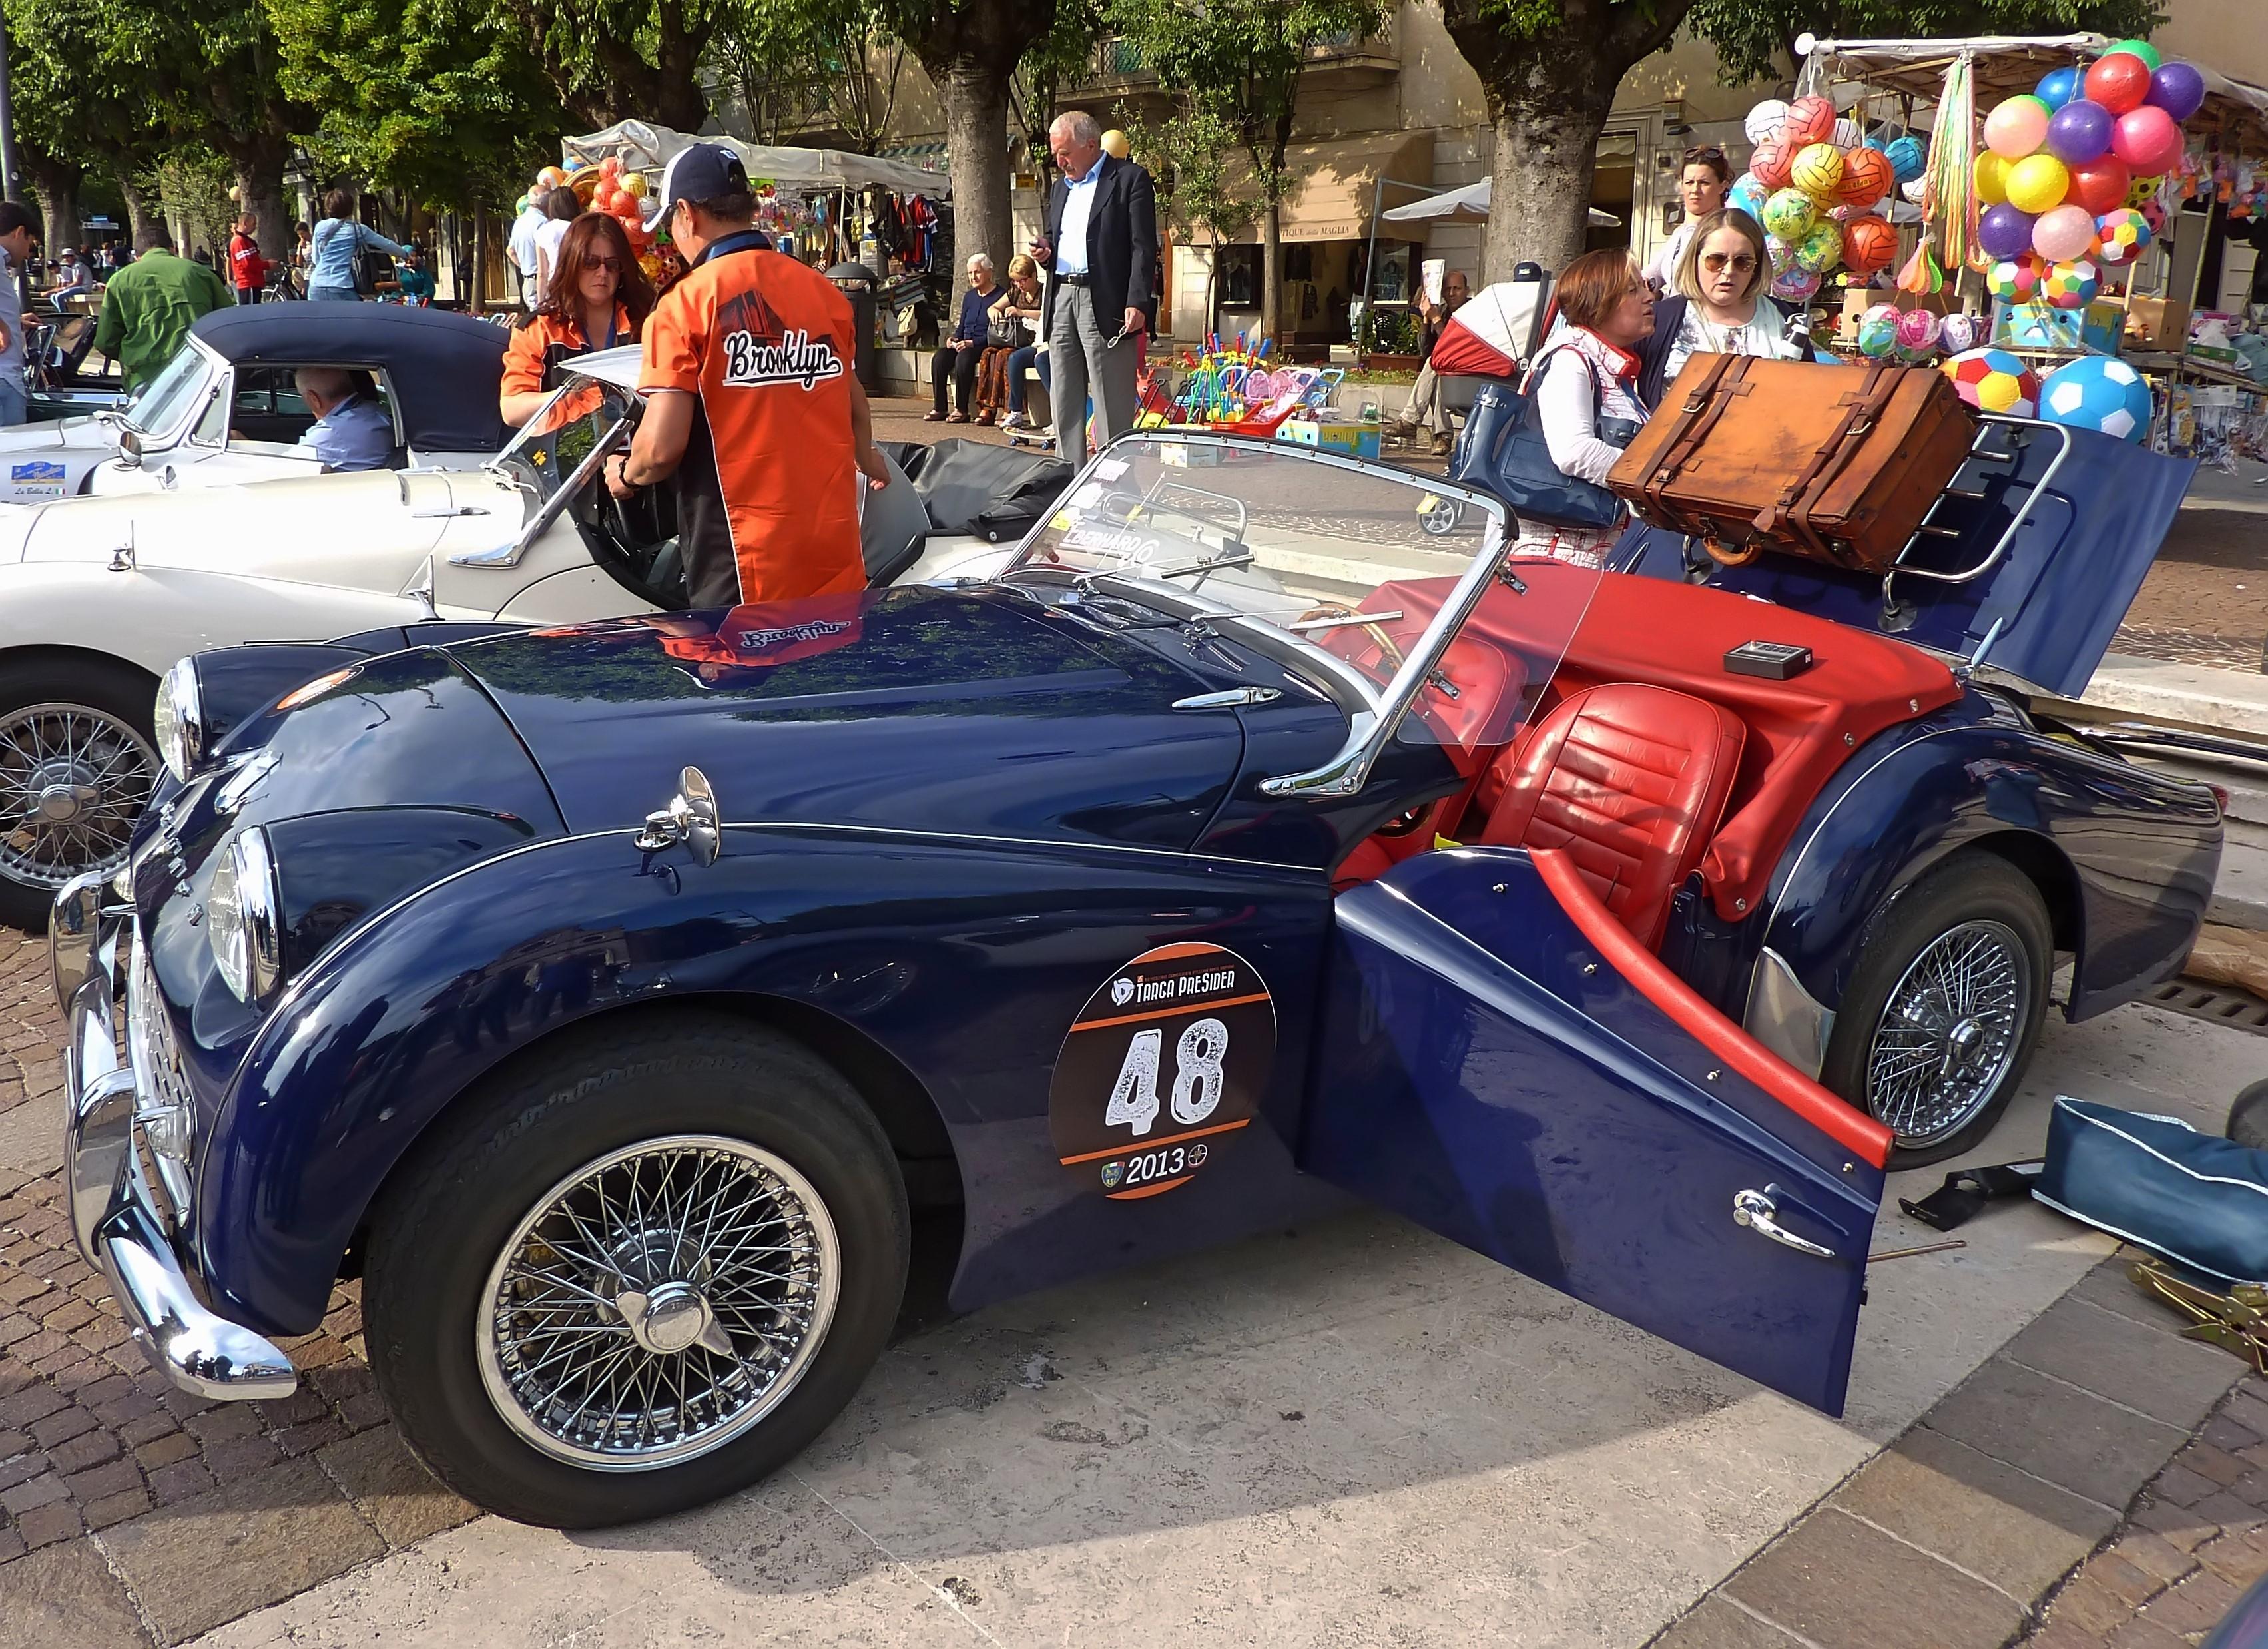 1st Circuito Di Avezzano 2013 (38)